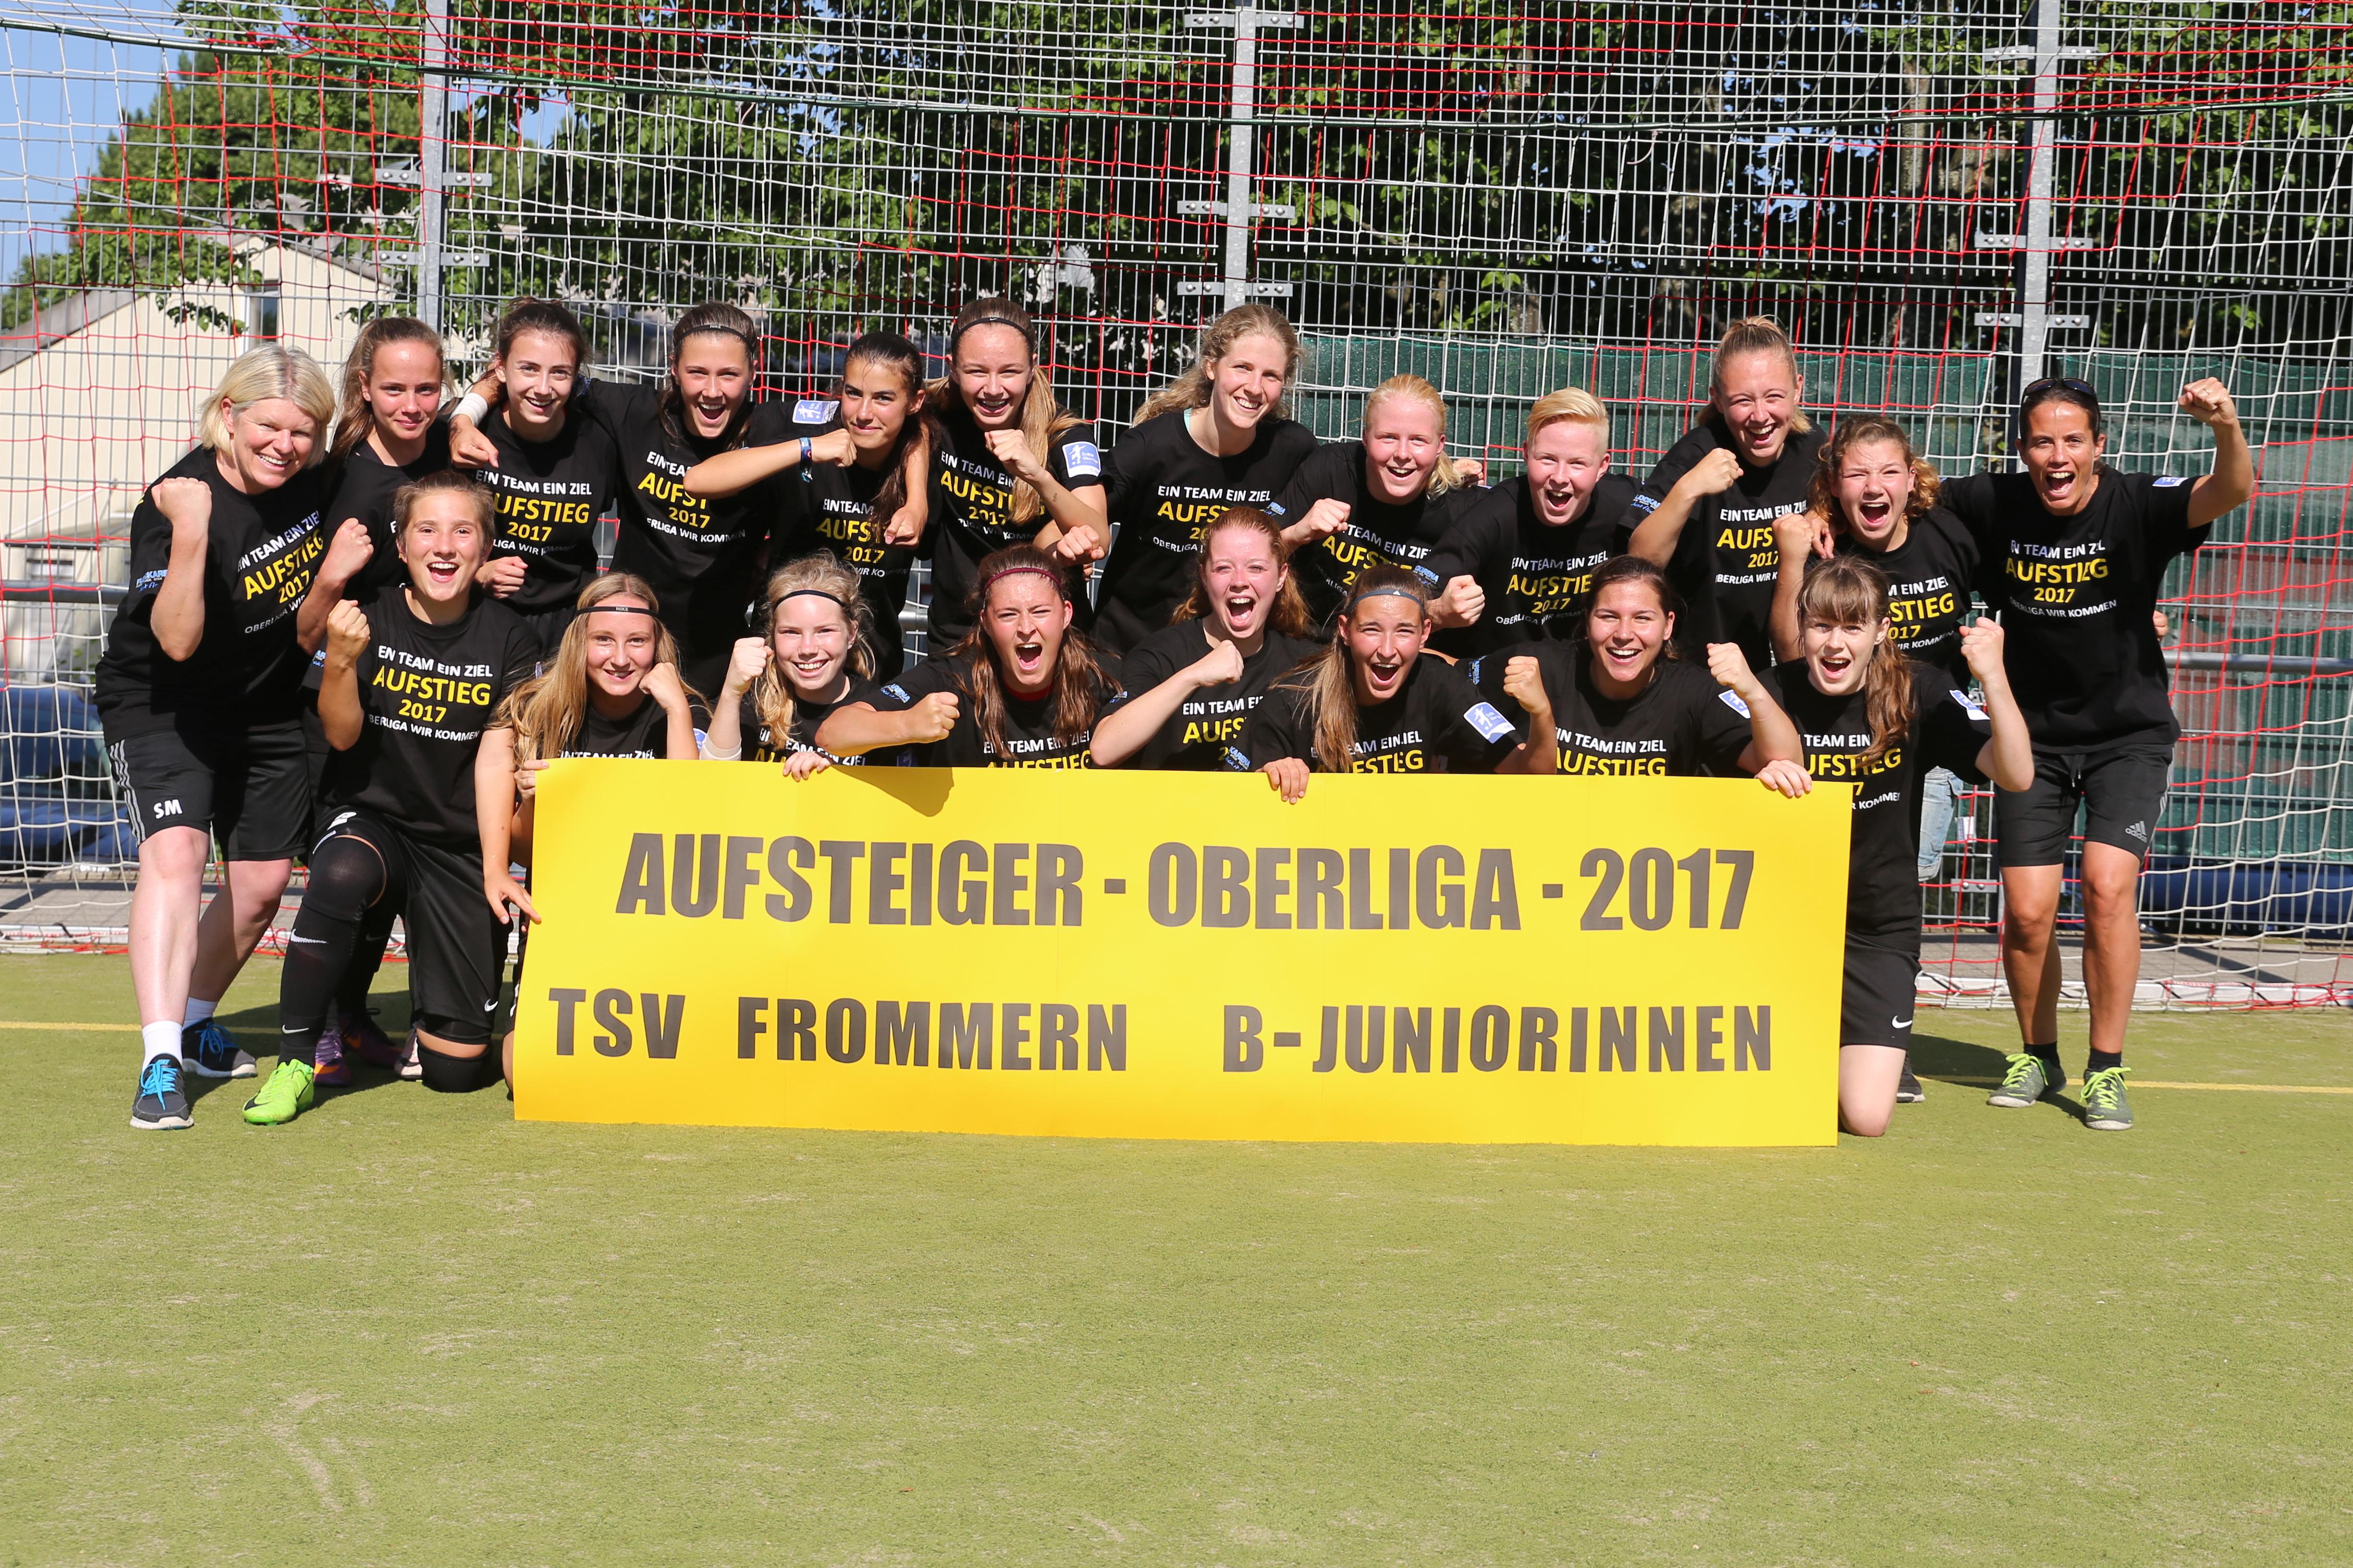 TSV B - Juniorinnen komp